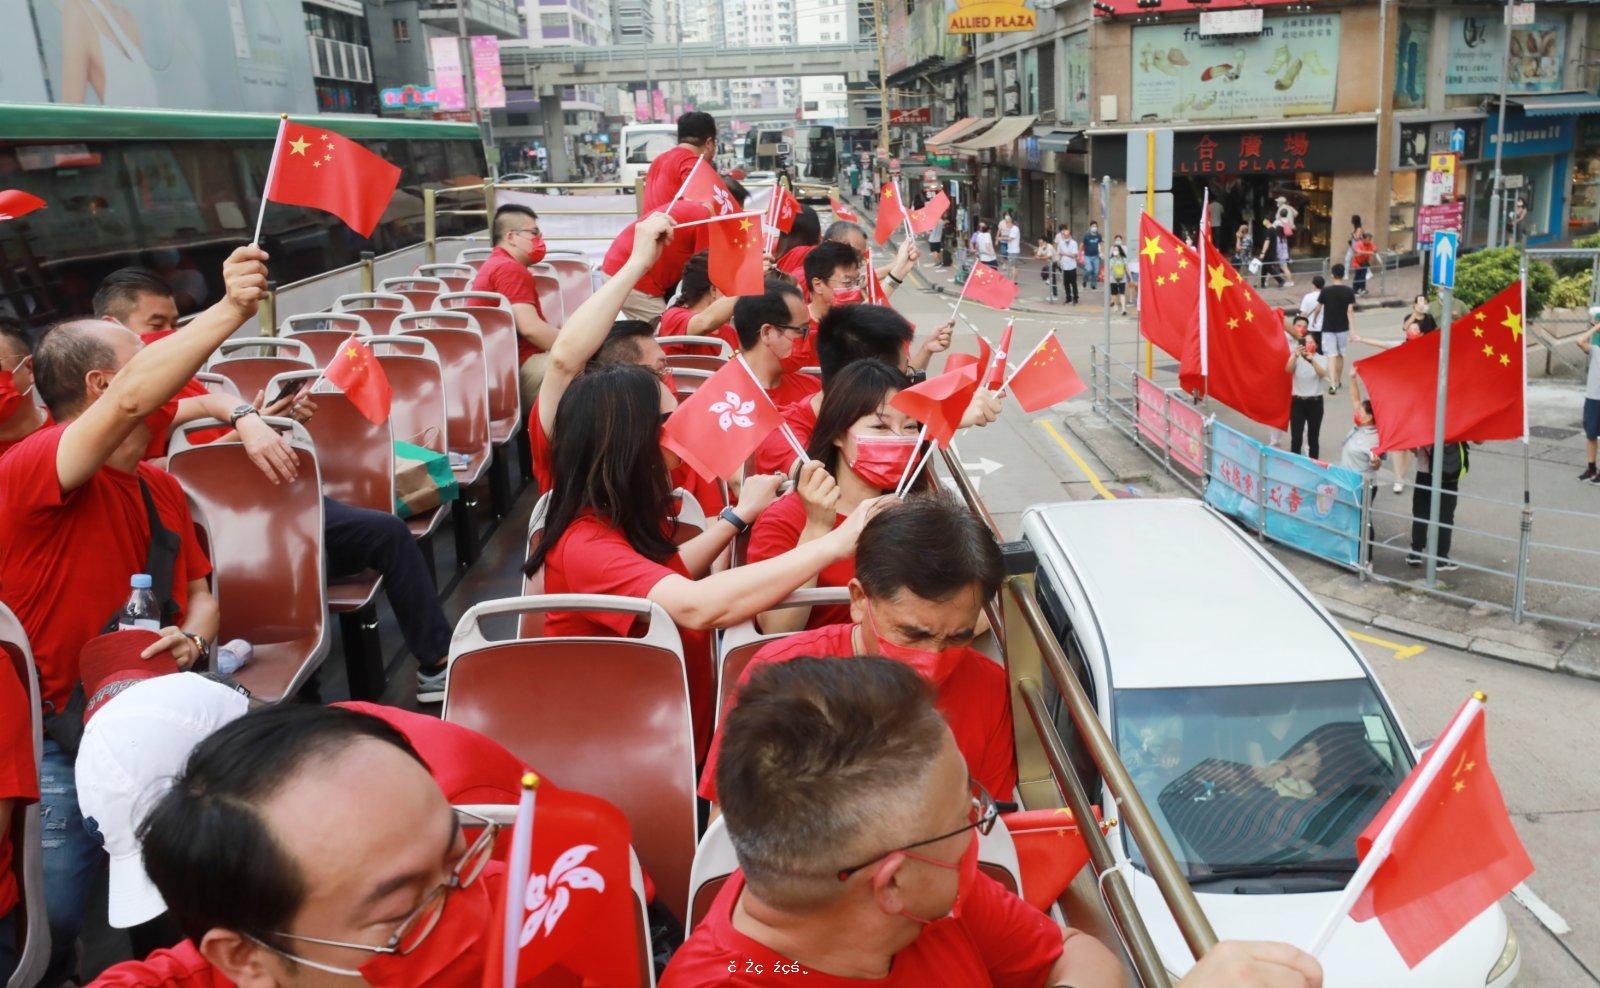 團體辦巴士巡遊賀國慶 愛國情深滿香江